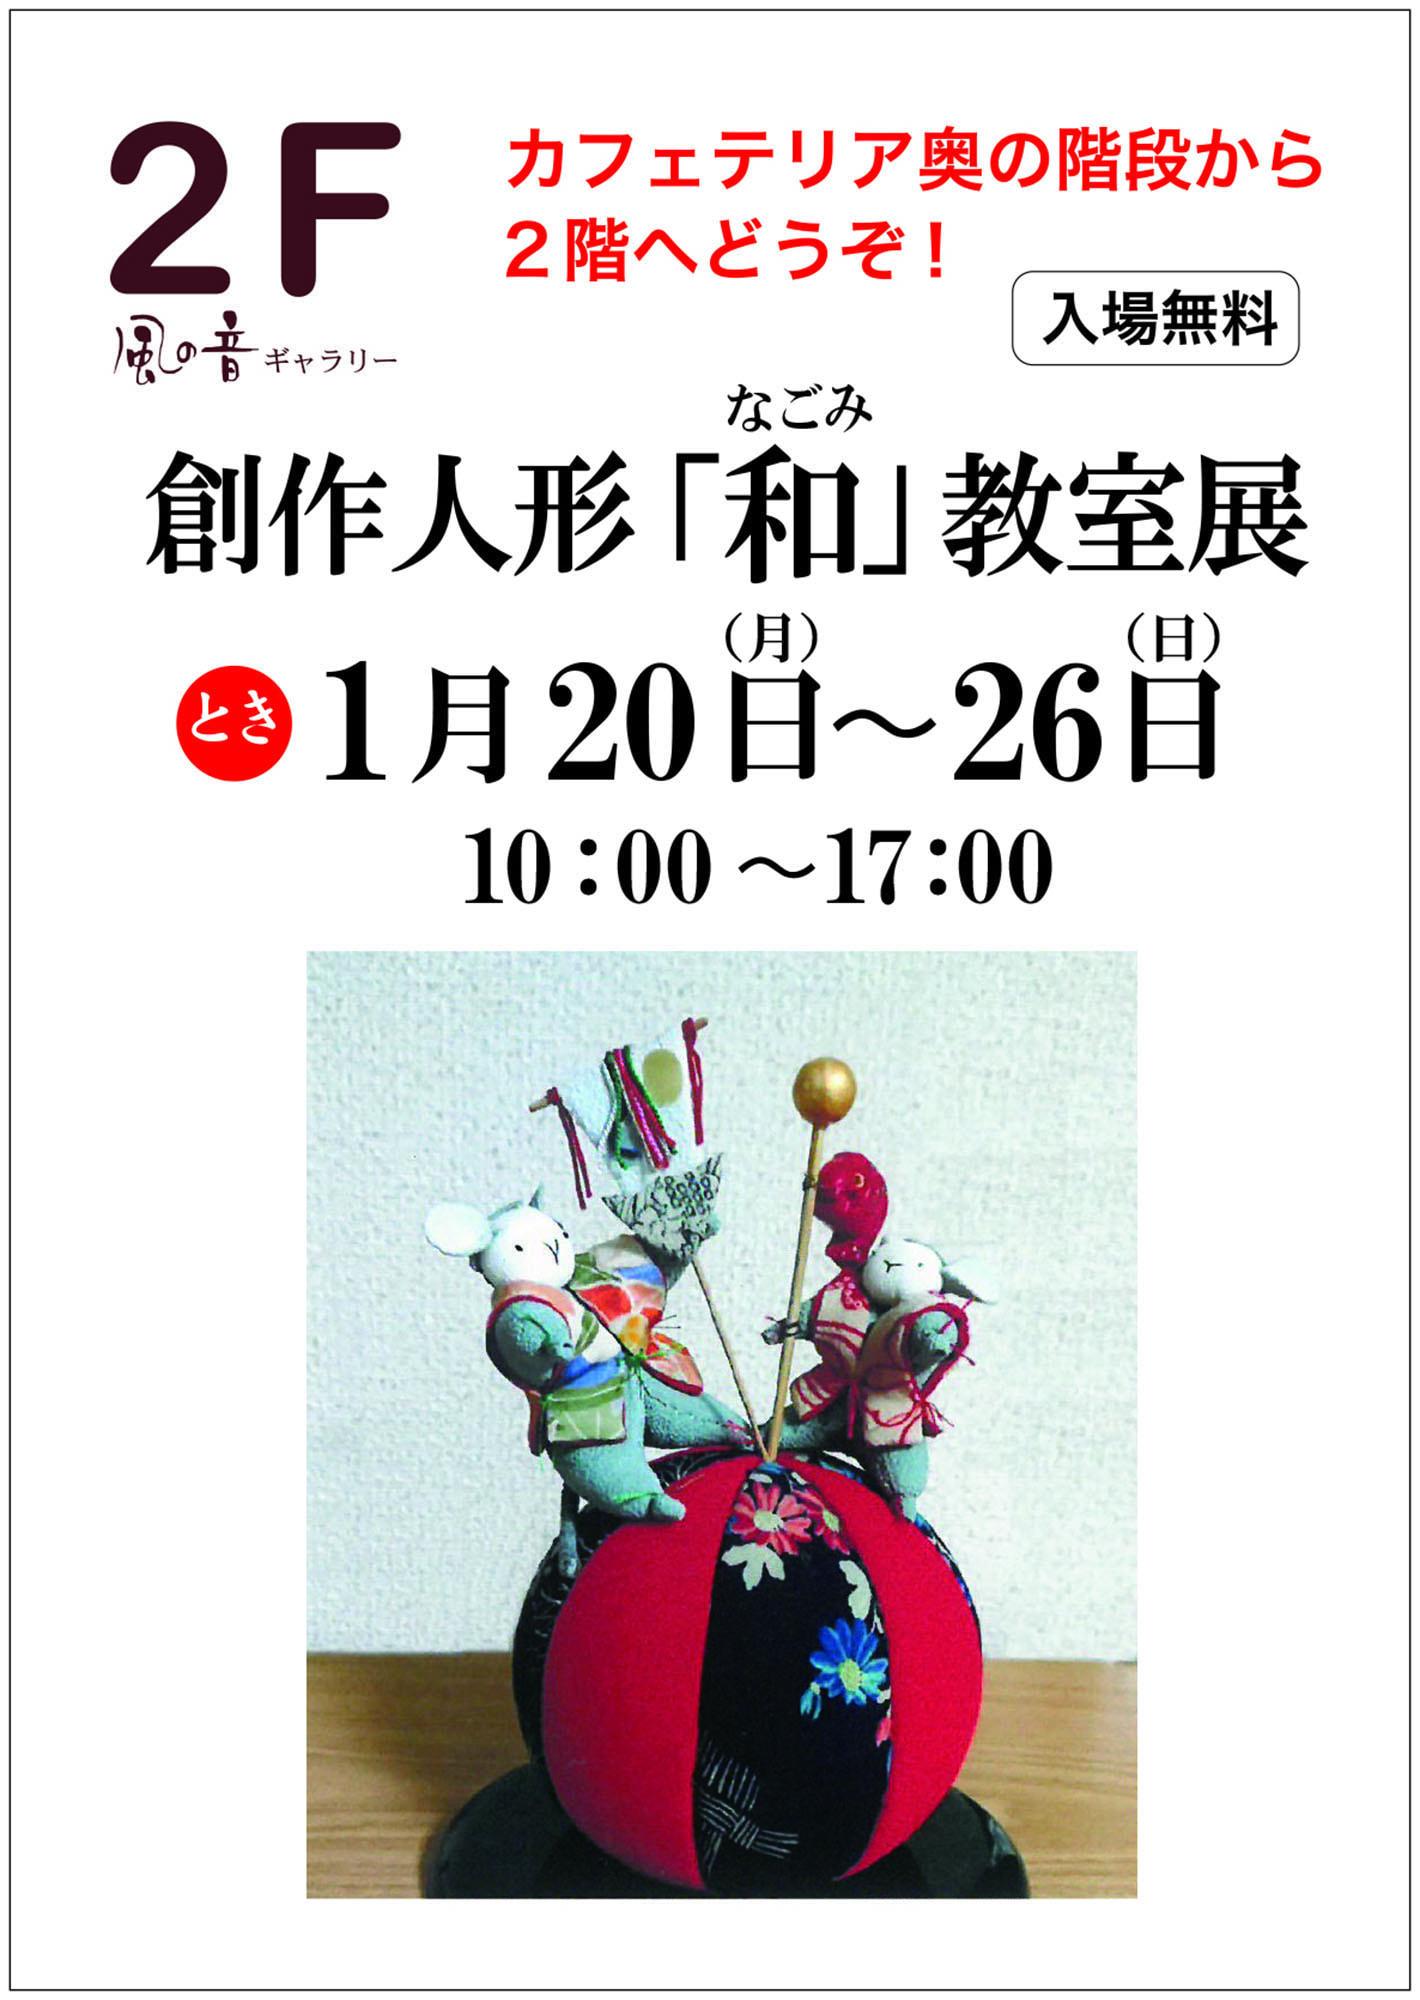 さかえ屋 風の音ギャラリー 創作人形「和」教室展